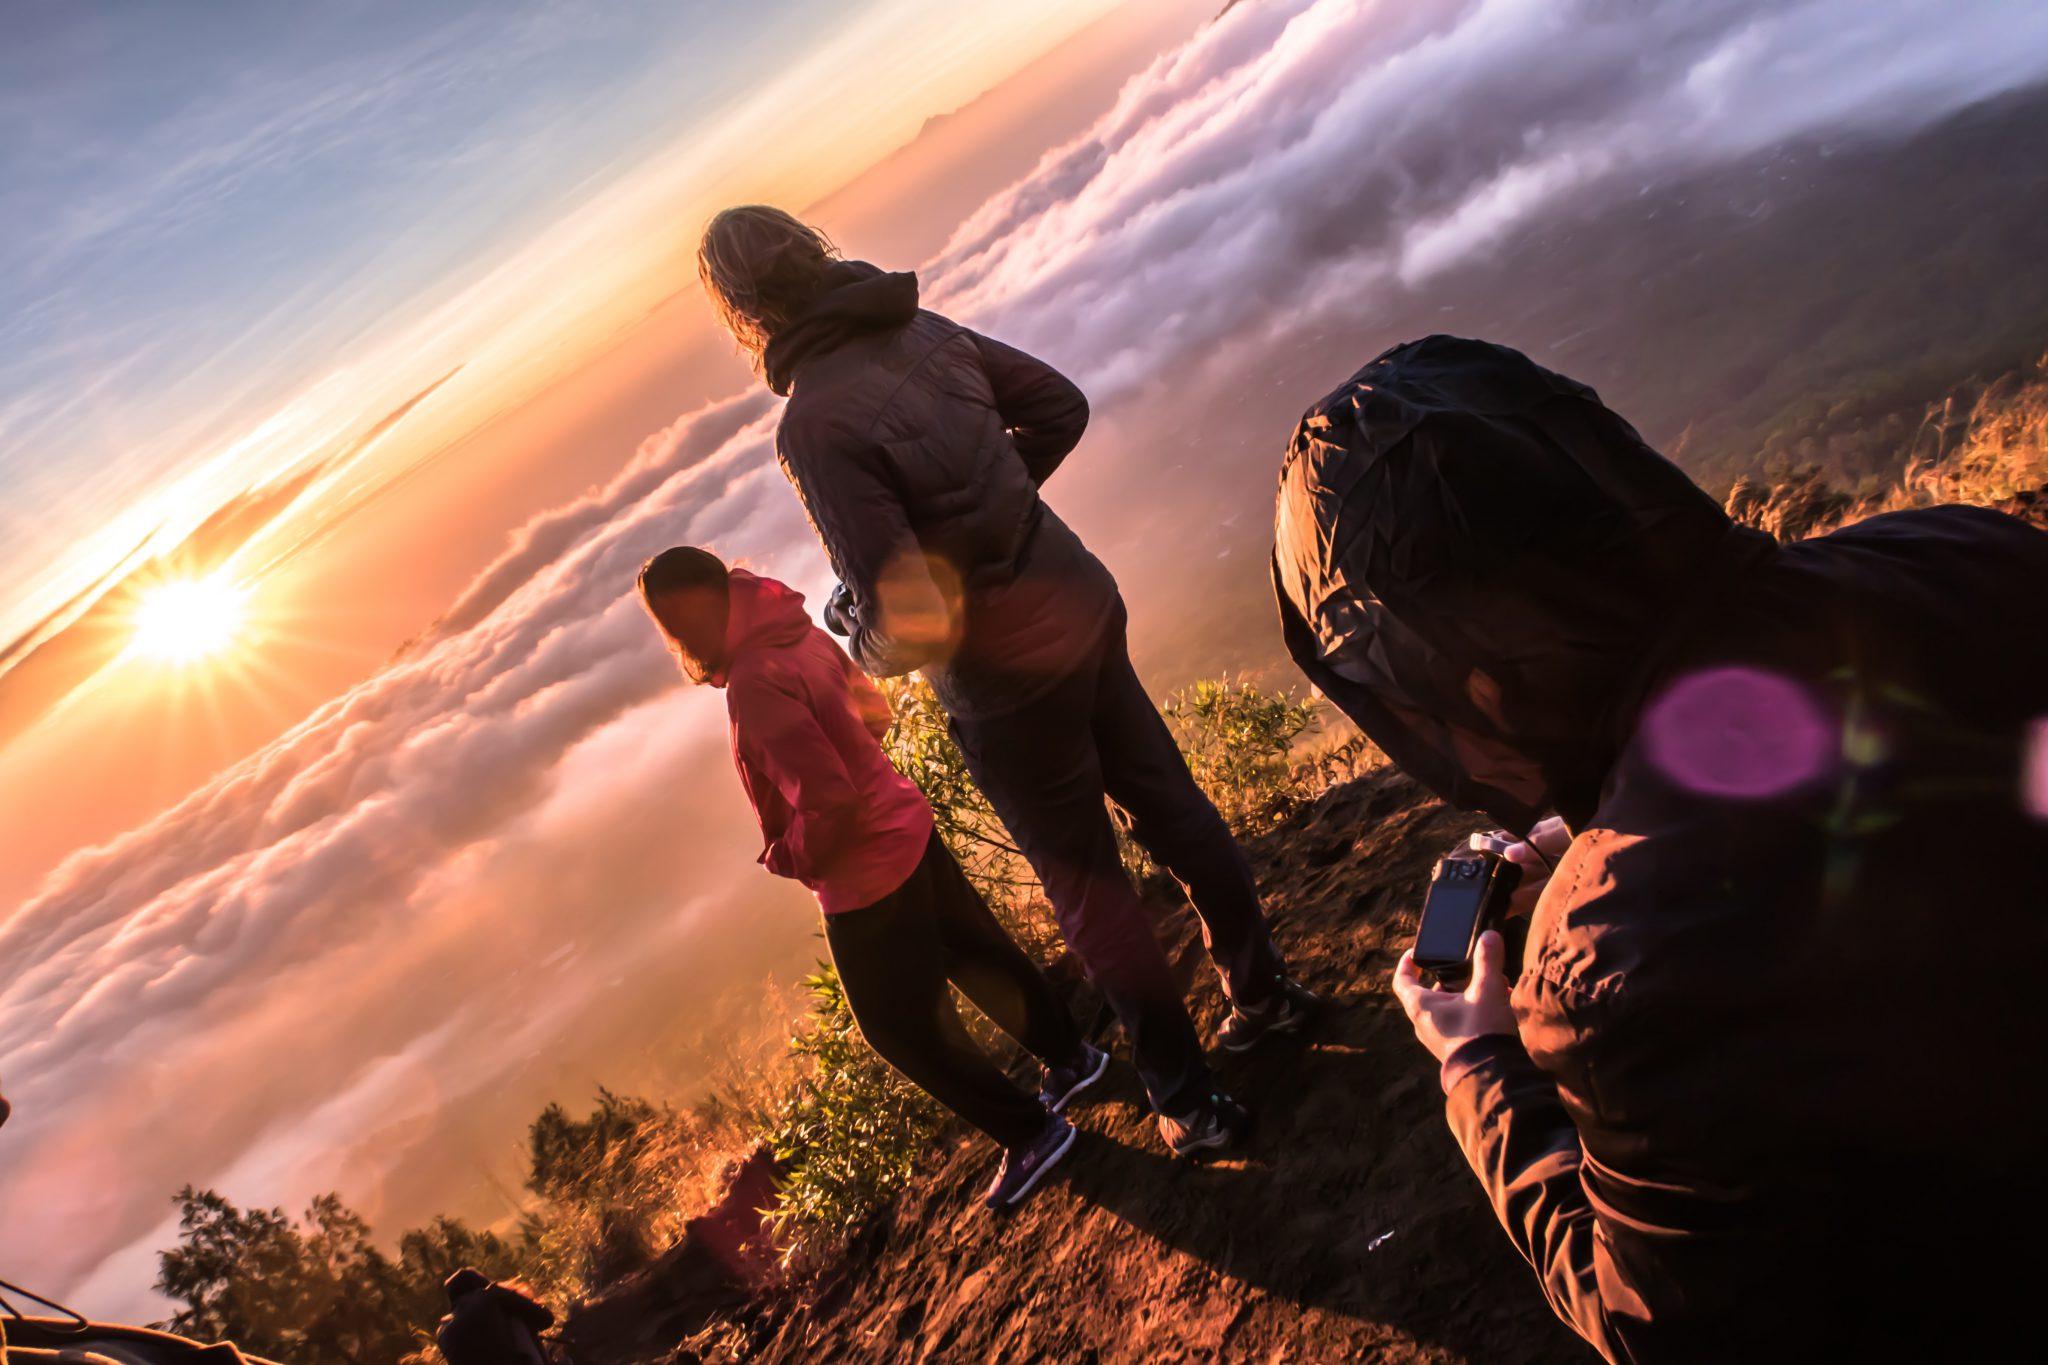 Bali - atrakcje turystyczne, którychtrzeba doświadczyć 1